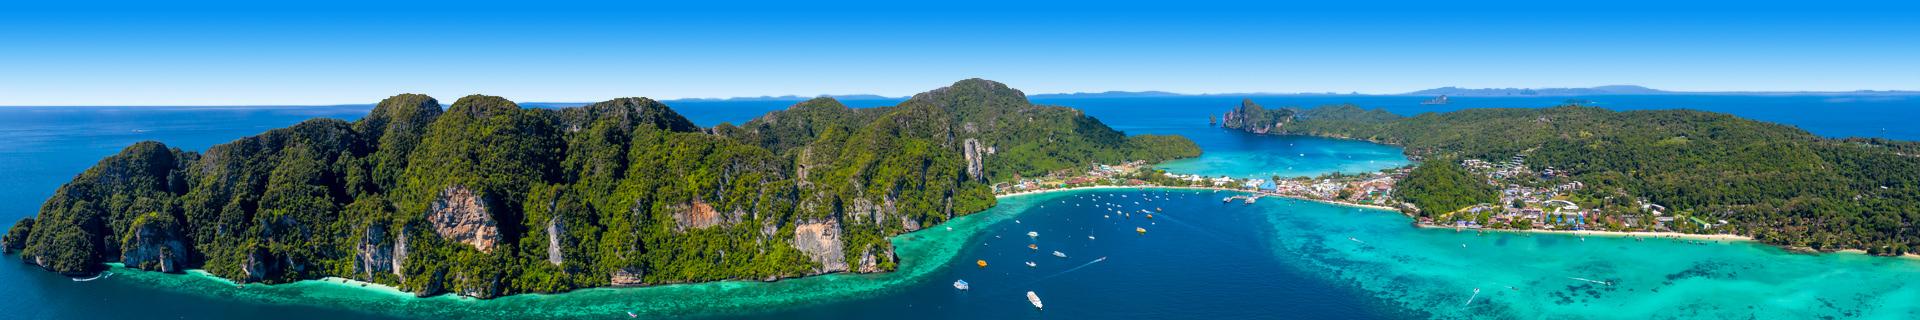 Uitzicht op de zee en bergen in Thailand